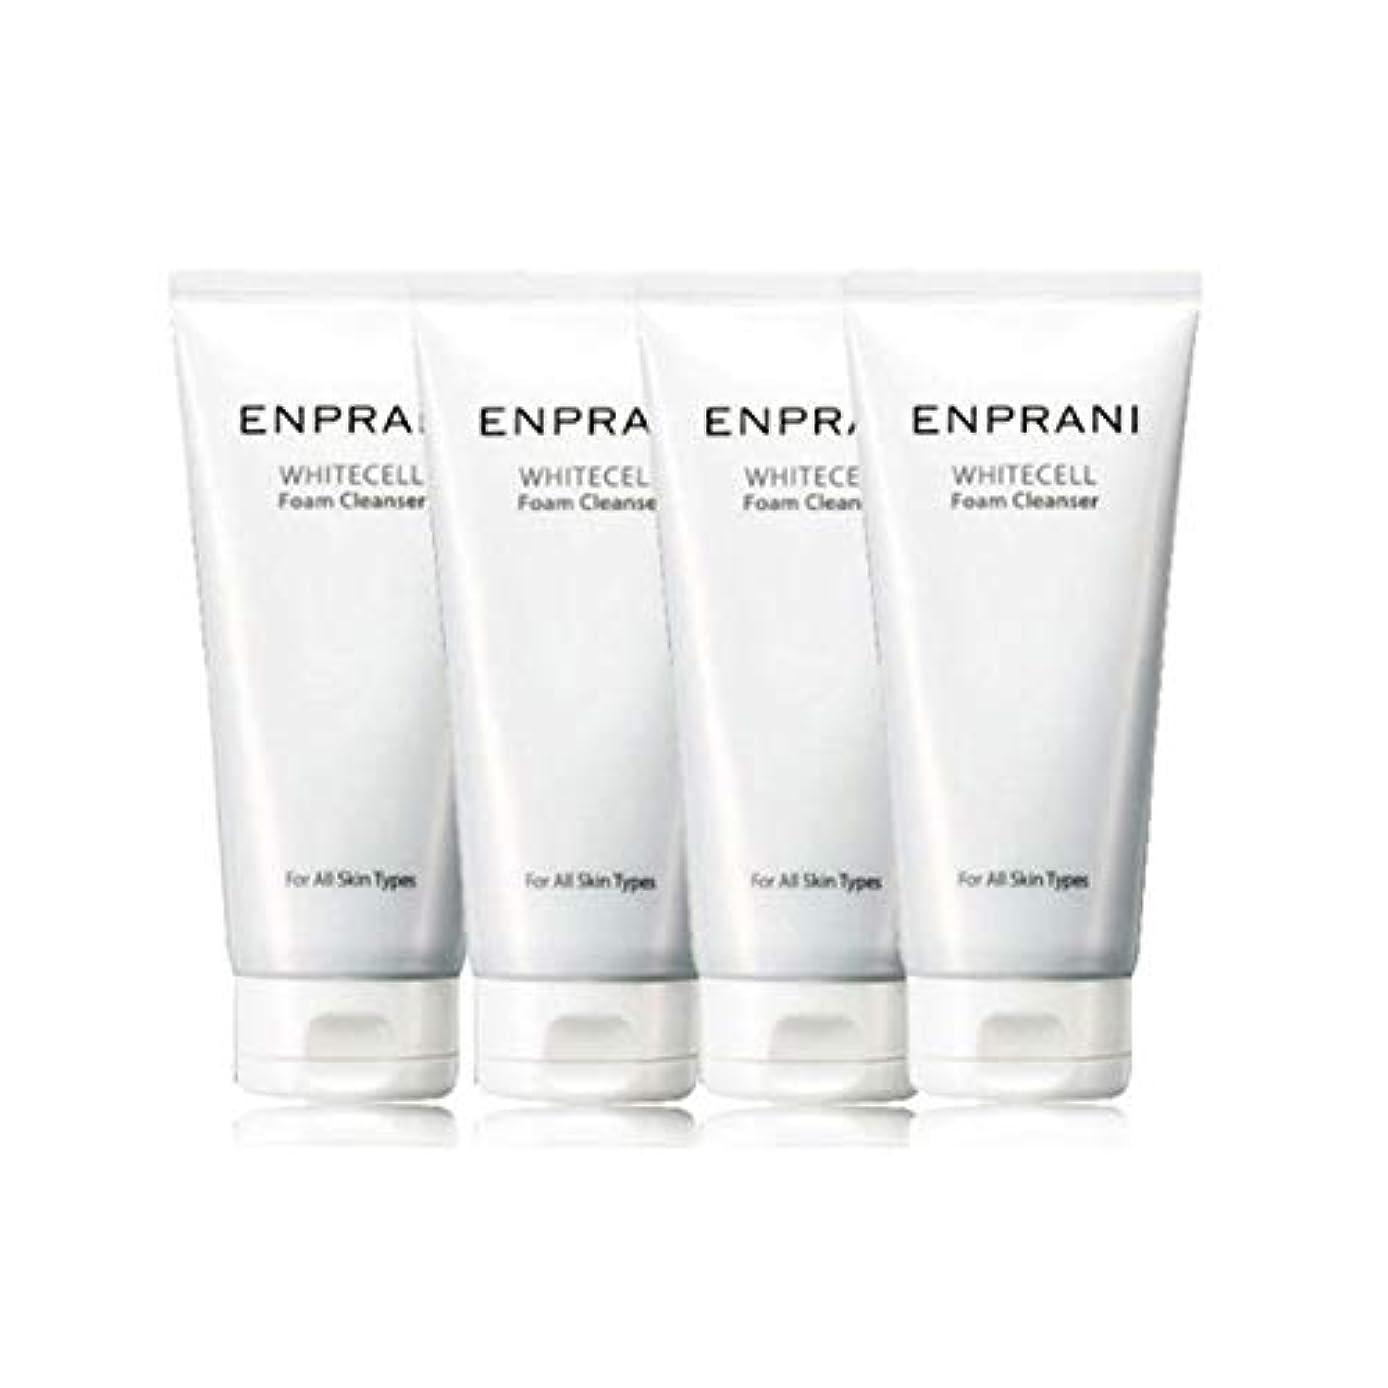 チェスをするオッズ老朽化したエンプラニホワイトセル、フォームクレンザー100mlx 4本セット毛穴洗浄 皮膚管理、Enprani White Cell Foam Cleanser 100mlx 4ea Set Pore Cleaning Skin...